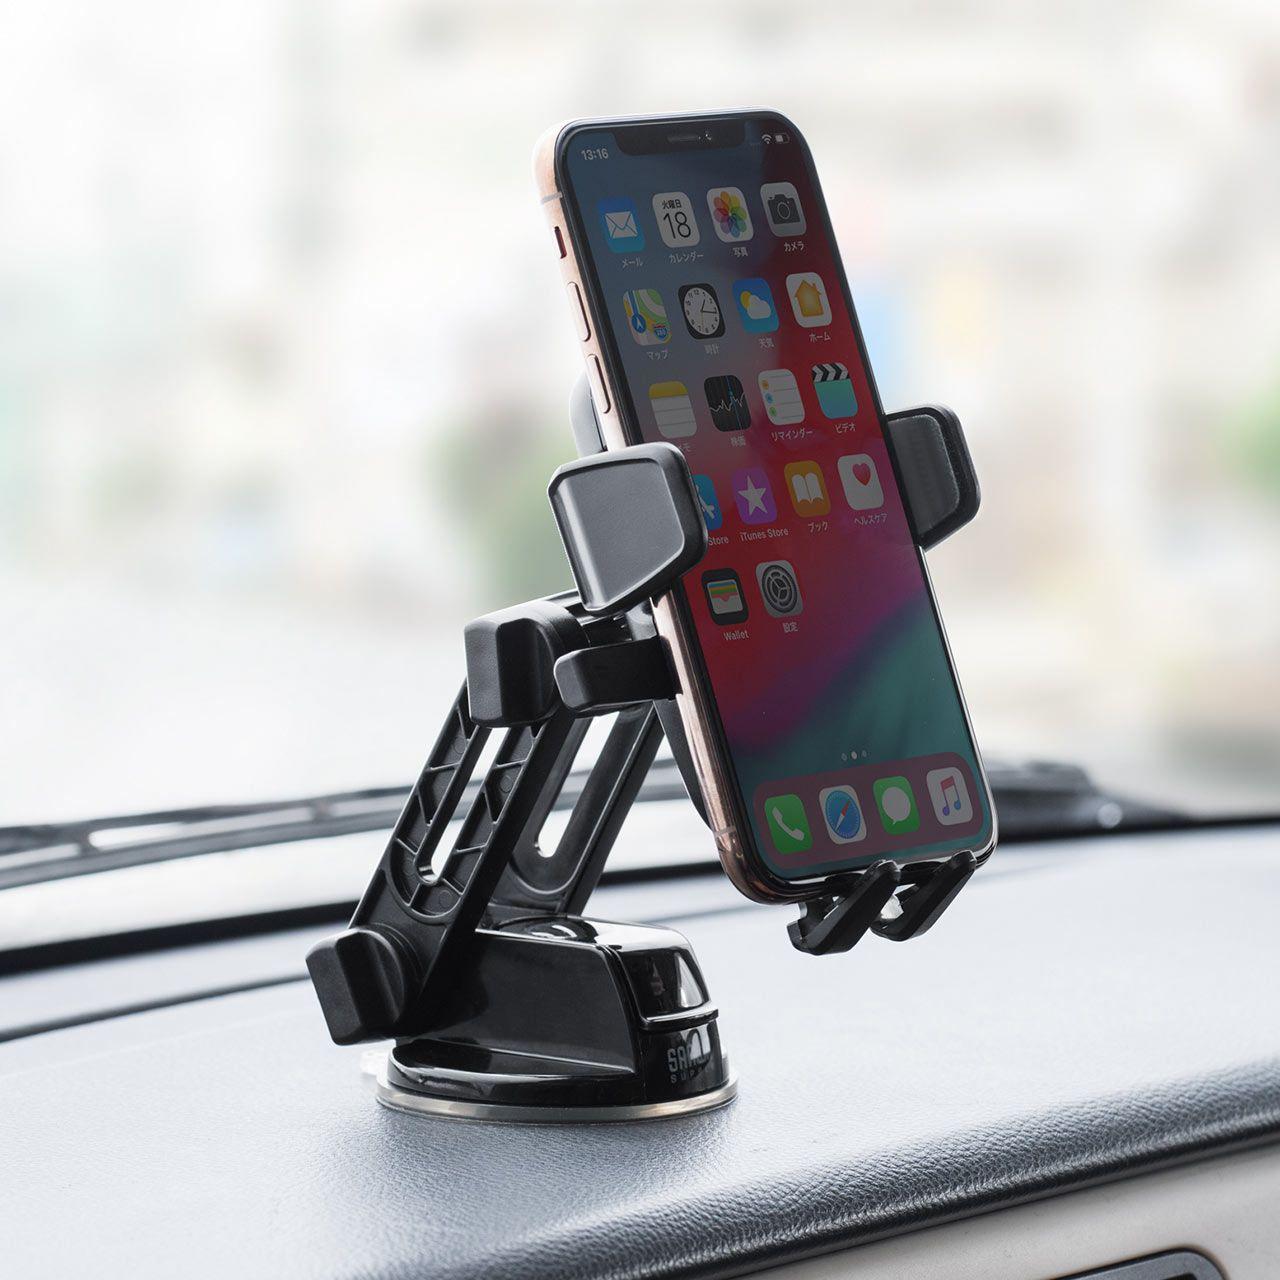 スマートフォン用車載ホルダー オンダッシュタイプ ワンタッチ着脱 ダッシュボード オートホールド 角度調整 ゲル吸盤 スマートフォン 200 Car068の販売商品 通販ならサンワダイレクト スマートフォン ホルダー 車載